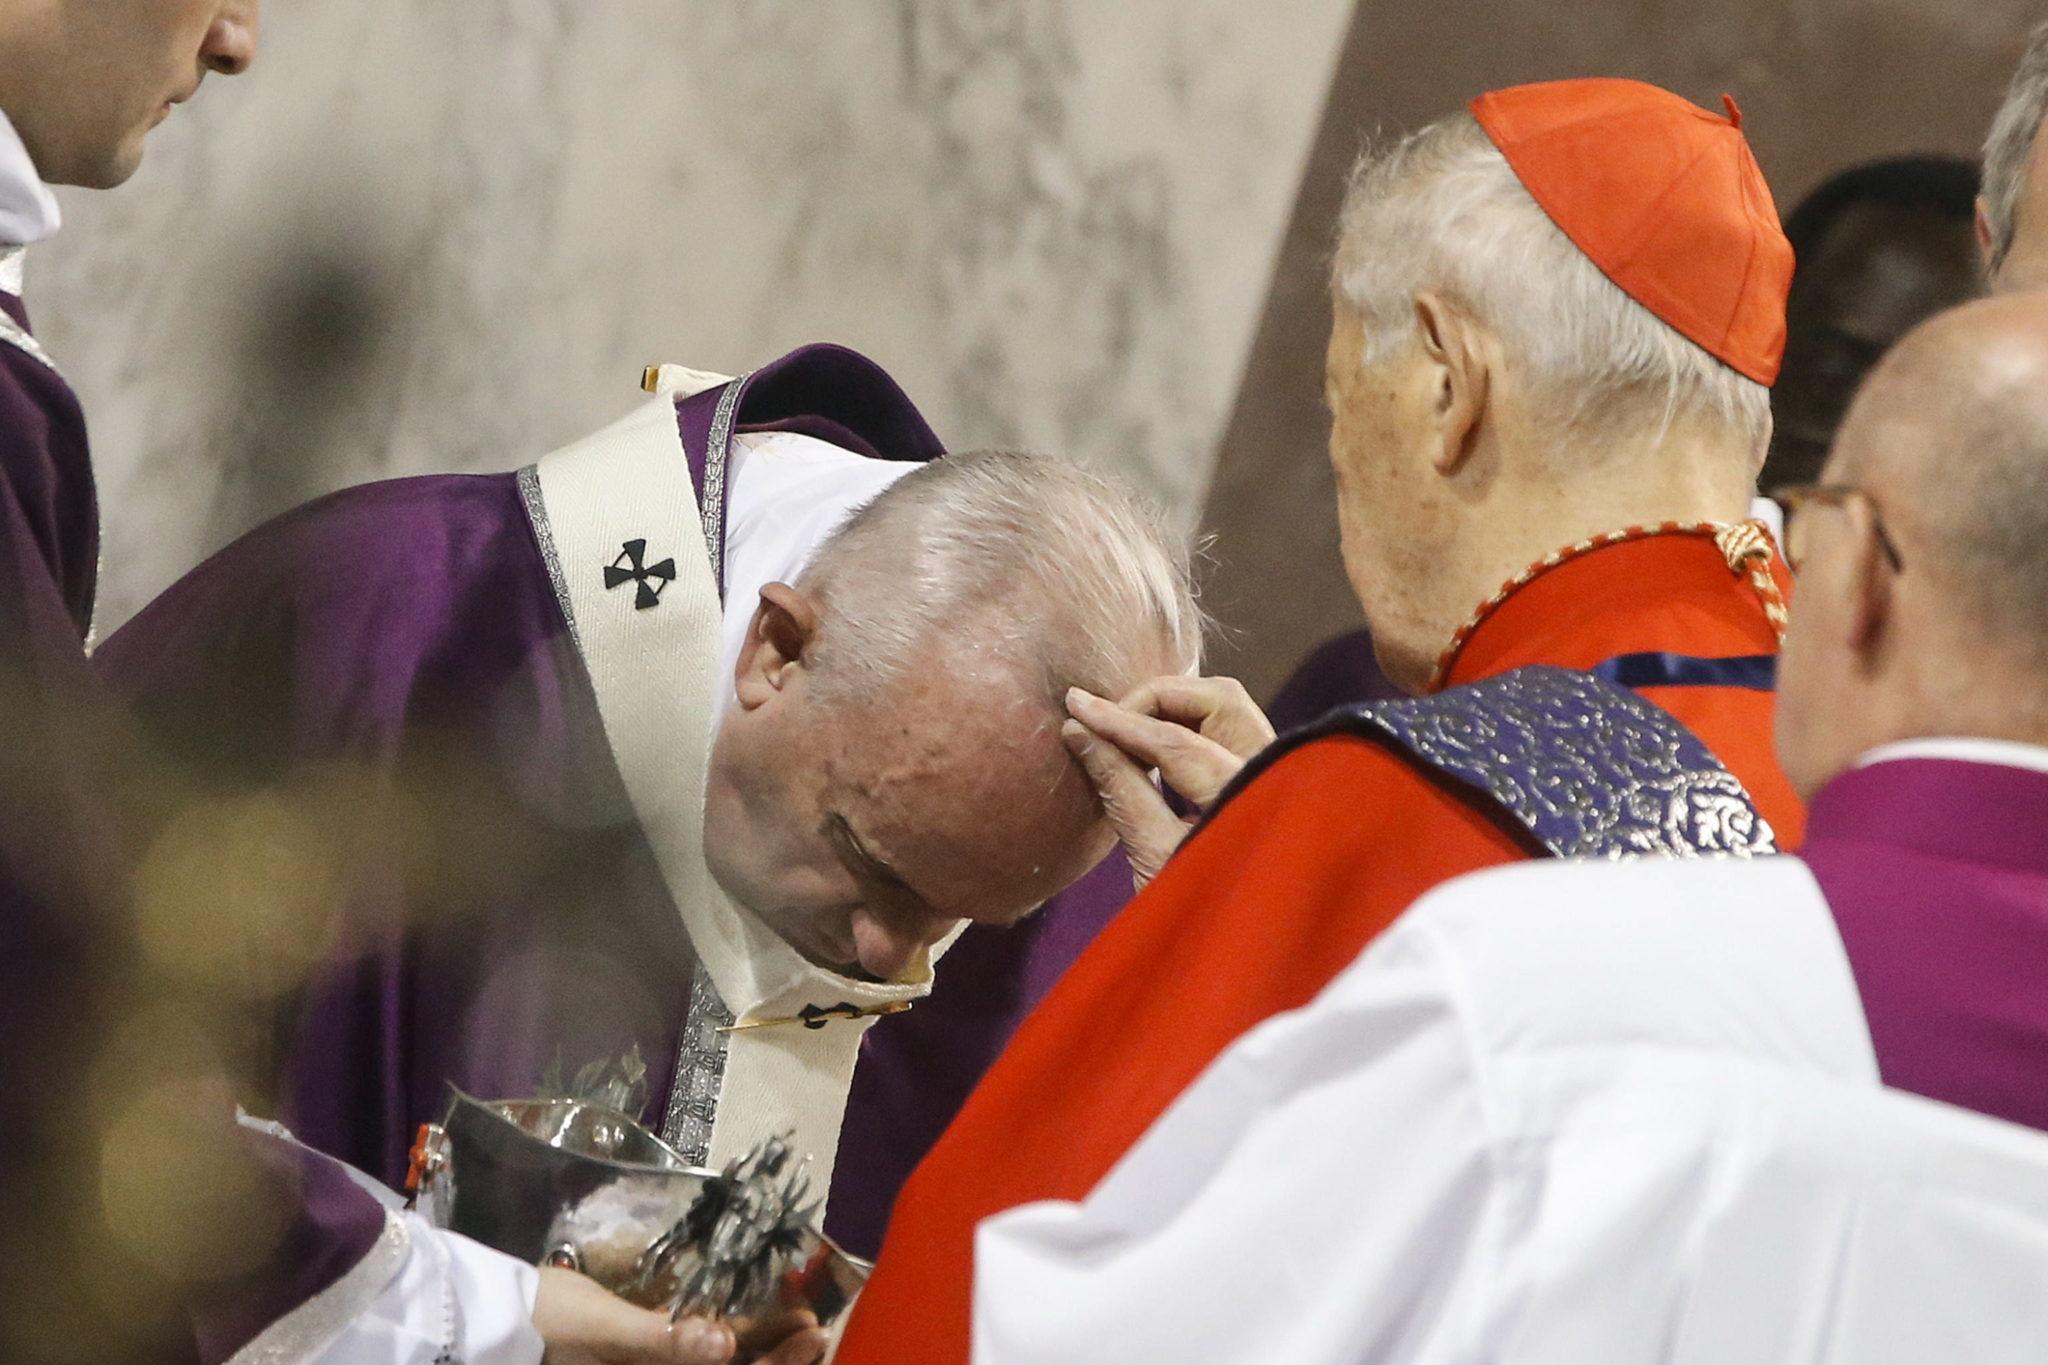 Papież przyjmuje popiół, celebrując obchody środy popielcowej w rzymie. fot. EPA/FABIO FRUSTACI